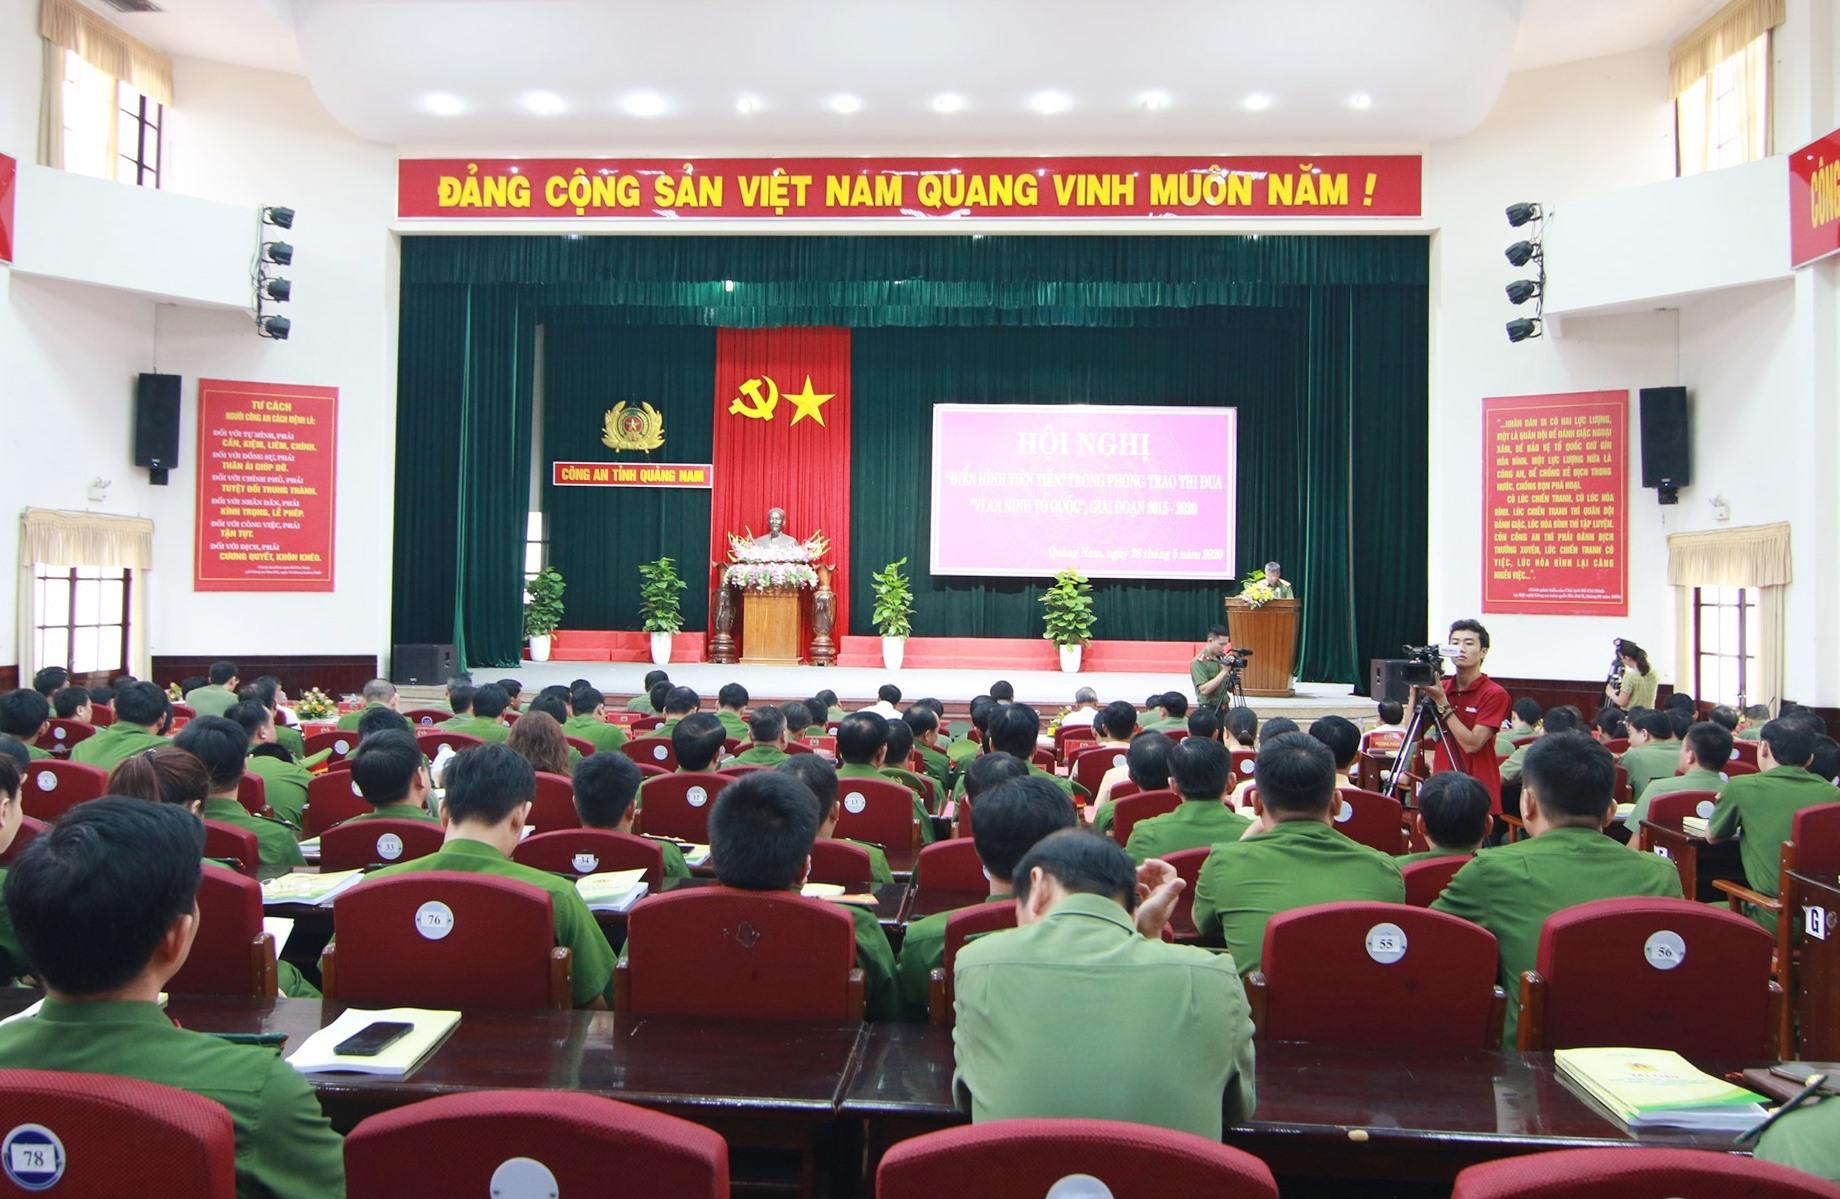 Hội nghị tập hợp nhiều tập thể, cá nhân điển hình trong phong trào thi đua Vì an ninh Tổ quốc trong lực lượng Công an tỉnh qua 5 năm (2015 - 2020). Ảnh: T.C